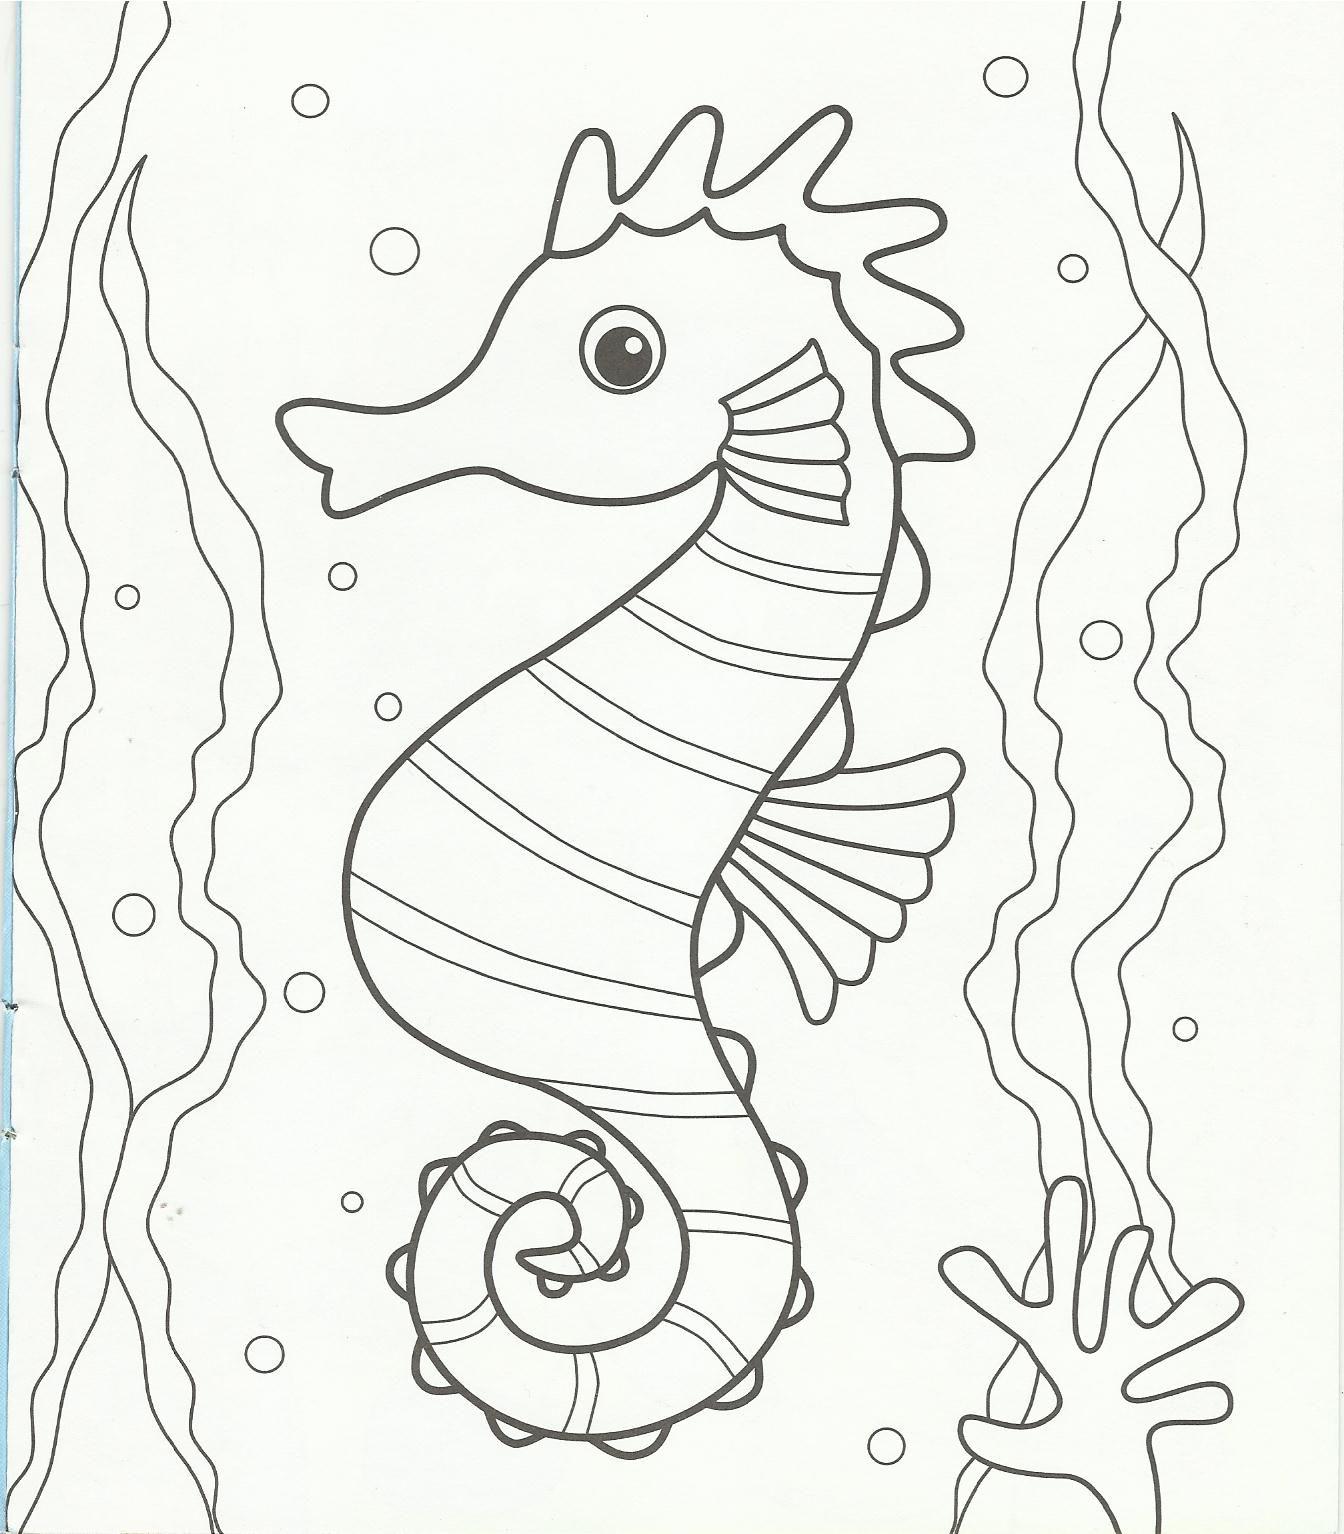 детская раскраска морские животные: 19 тыс изображений ...